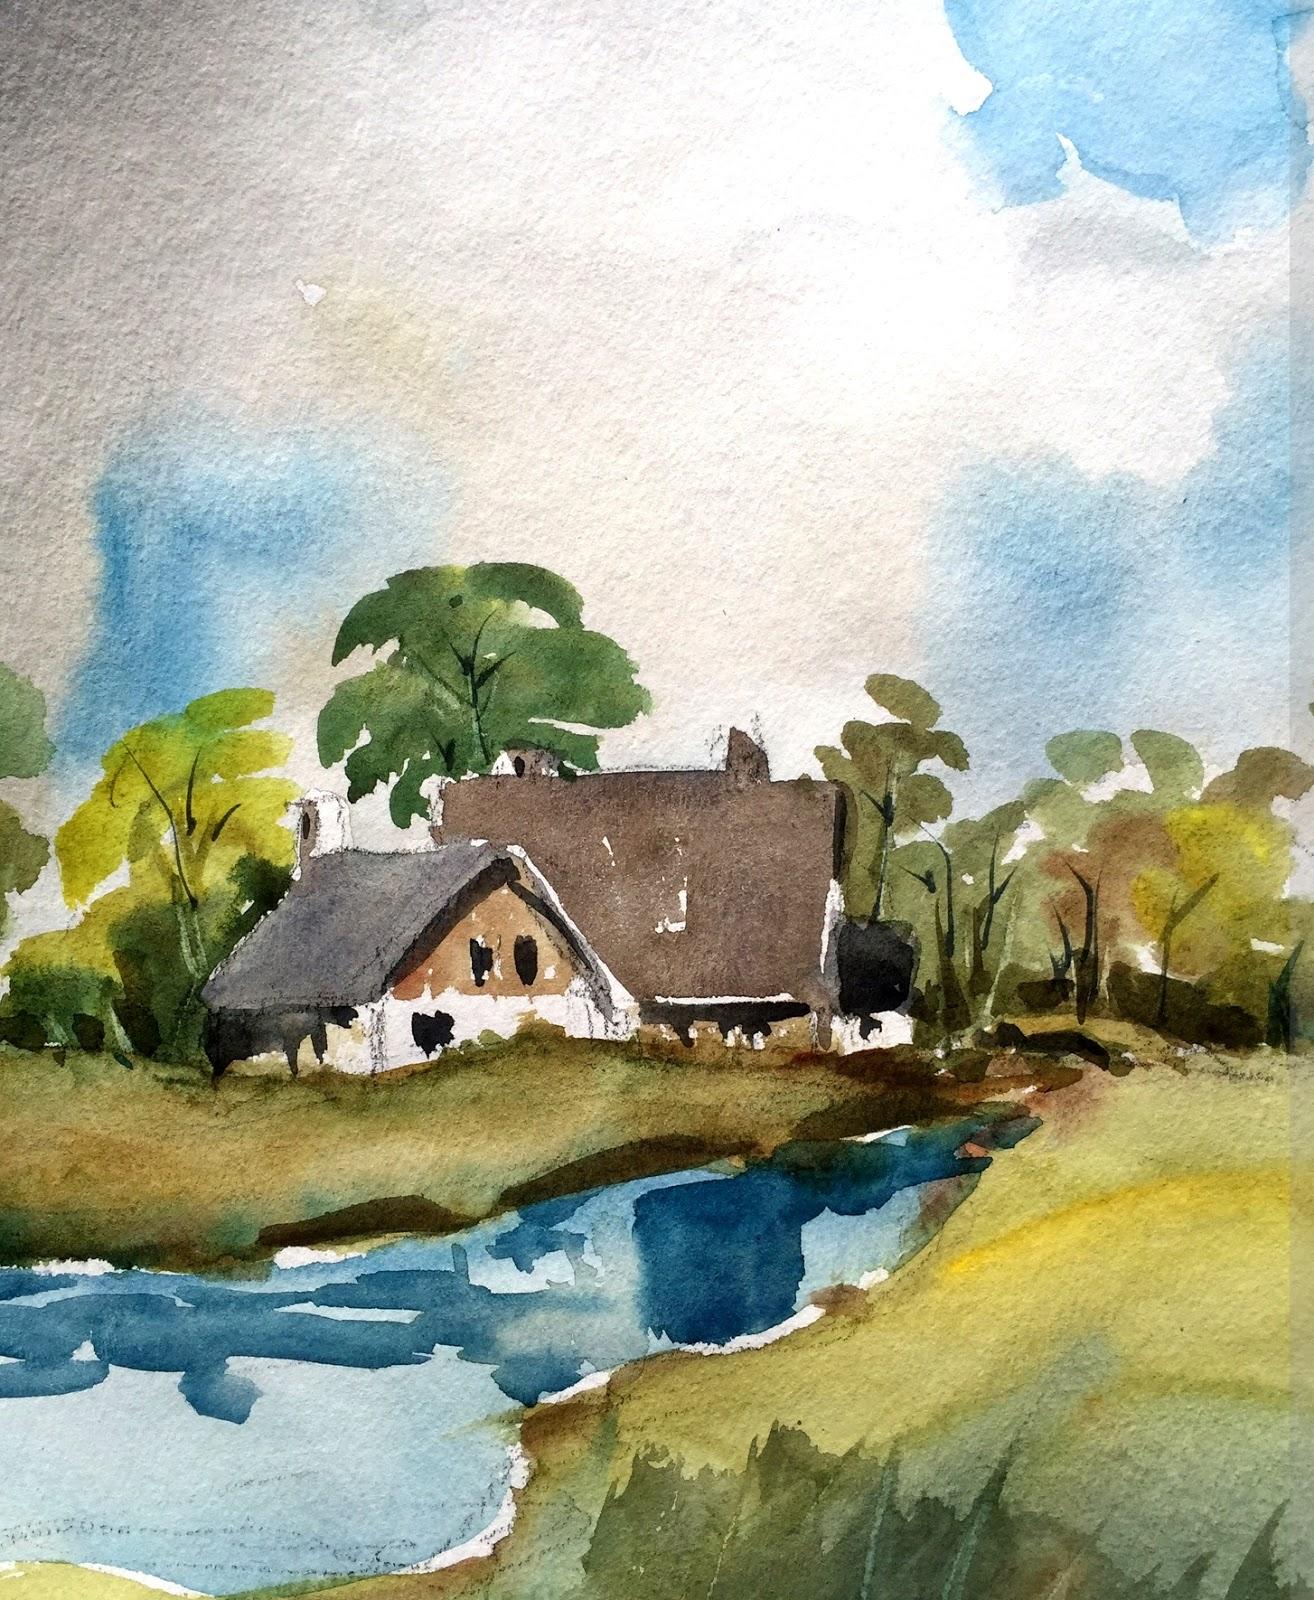 Watercolor landscape by Artmagenta